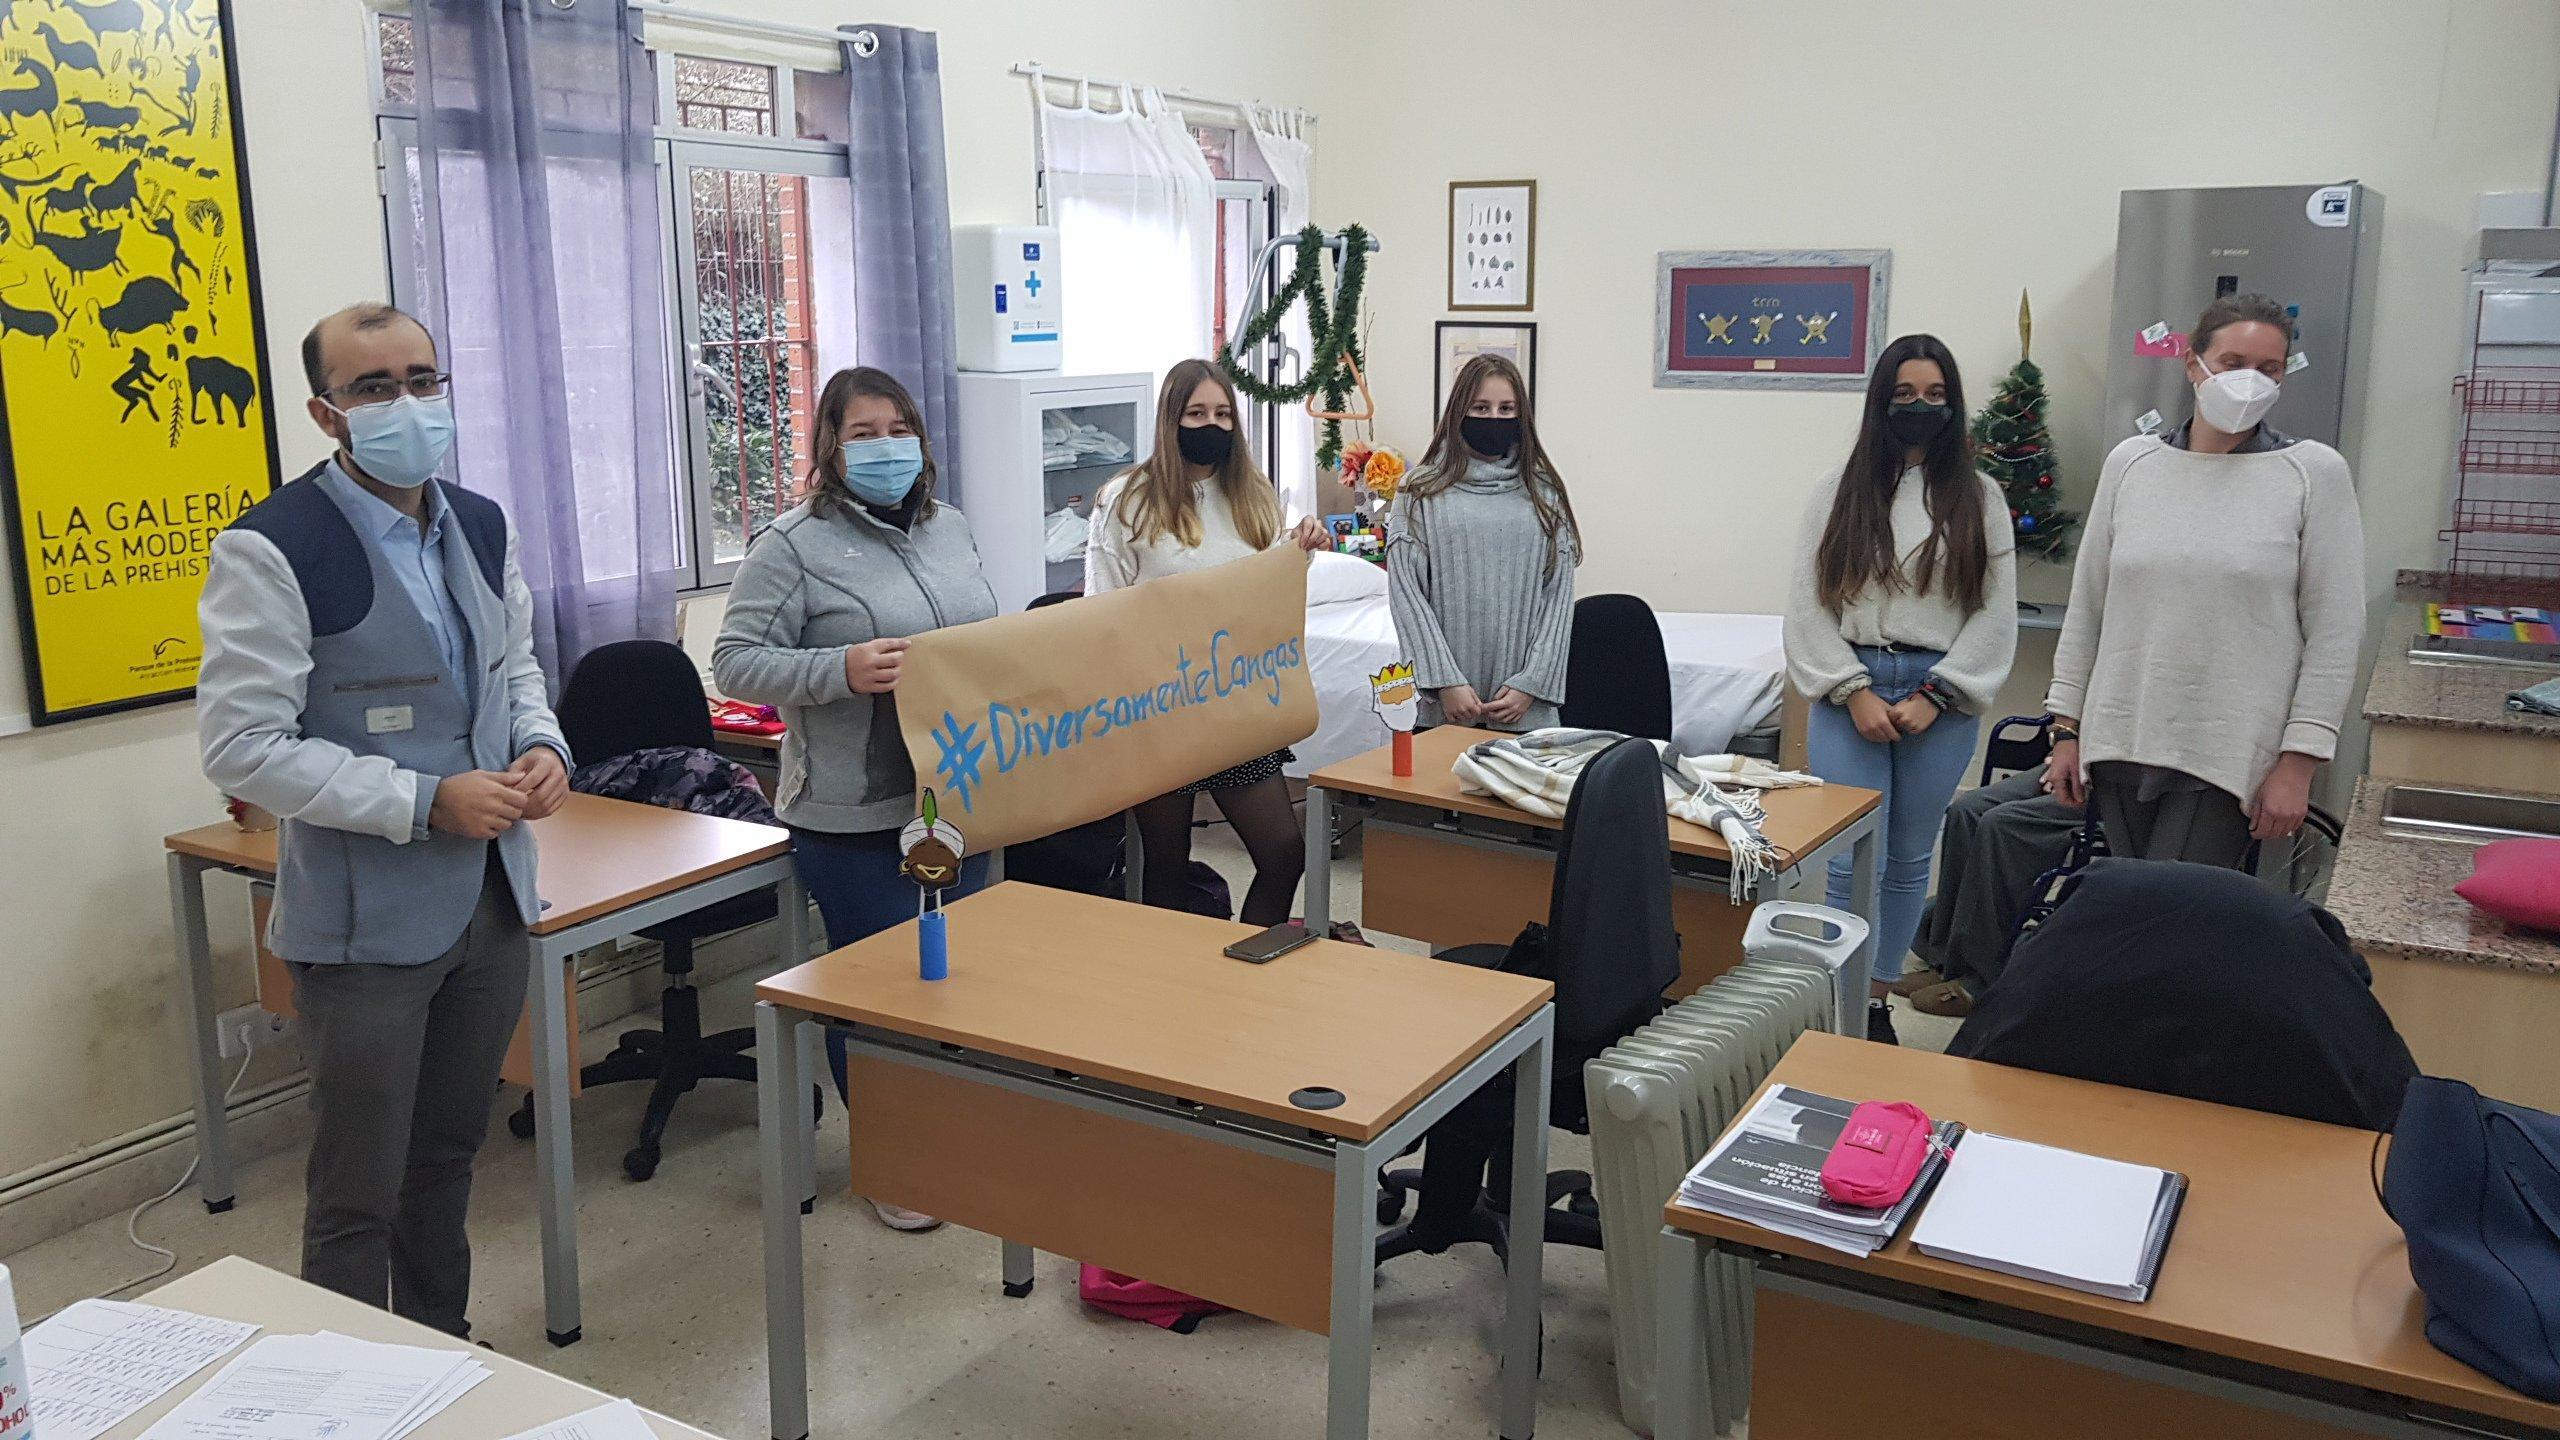 Éxito de la campaña #DiversamenteCangas, con motivo del Día de la Diversidad Funcional